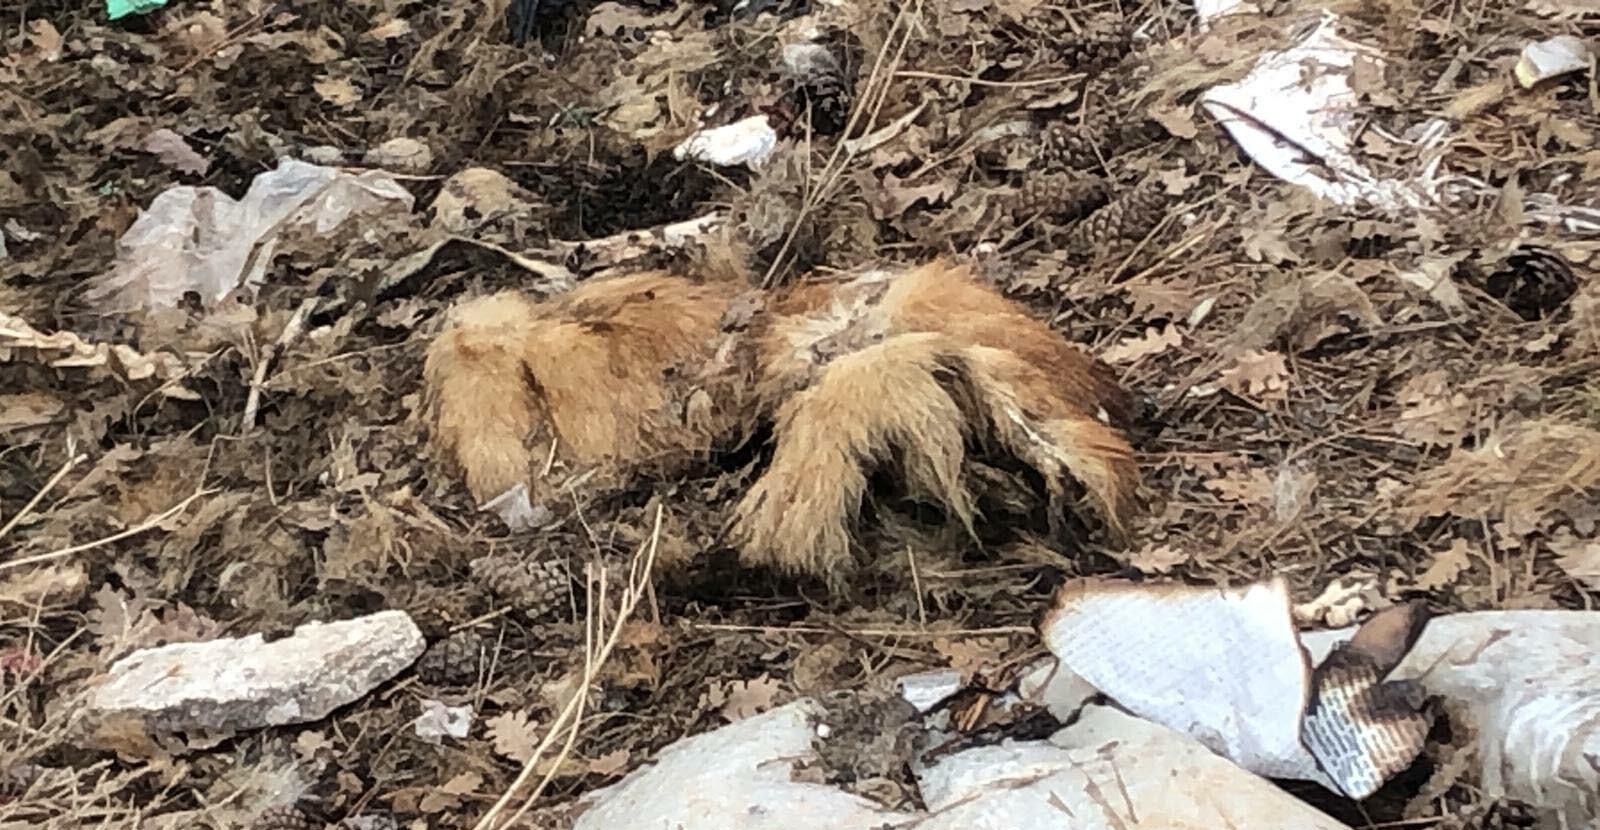 Ölü köpekler belediye ekipleri tarafından gömüldü.